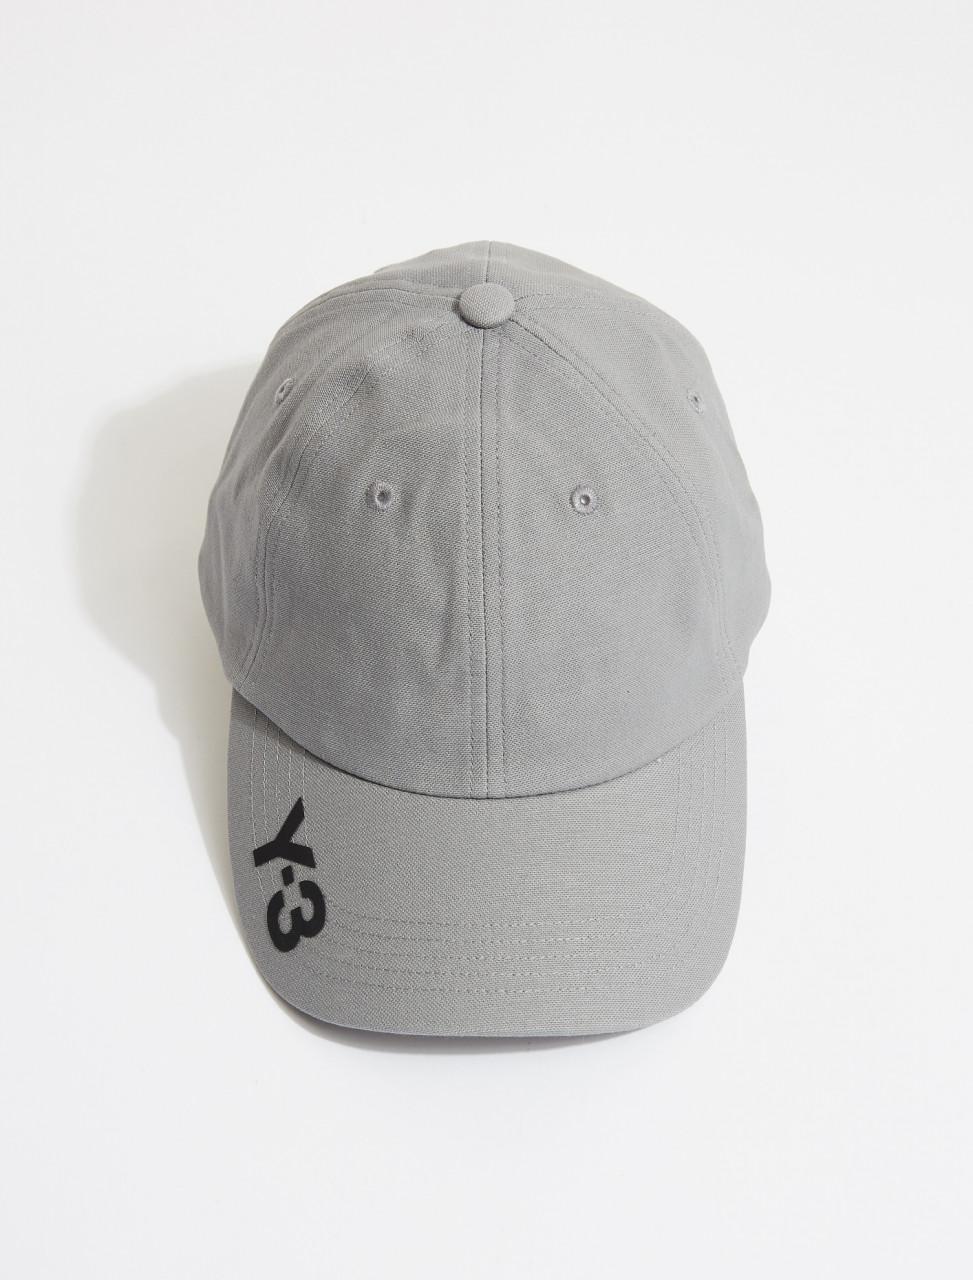 165-GK3128 Y-3 CH1 CAP GREY